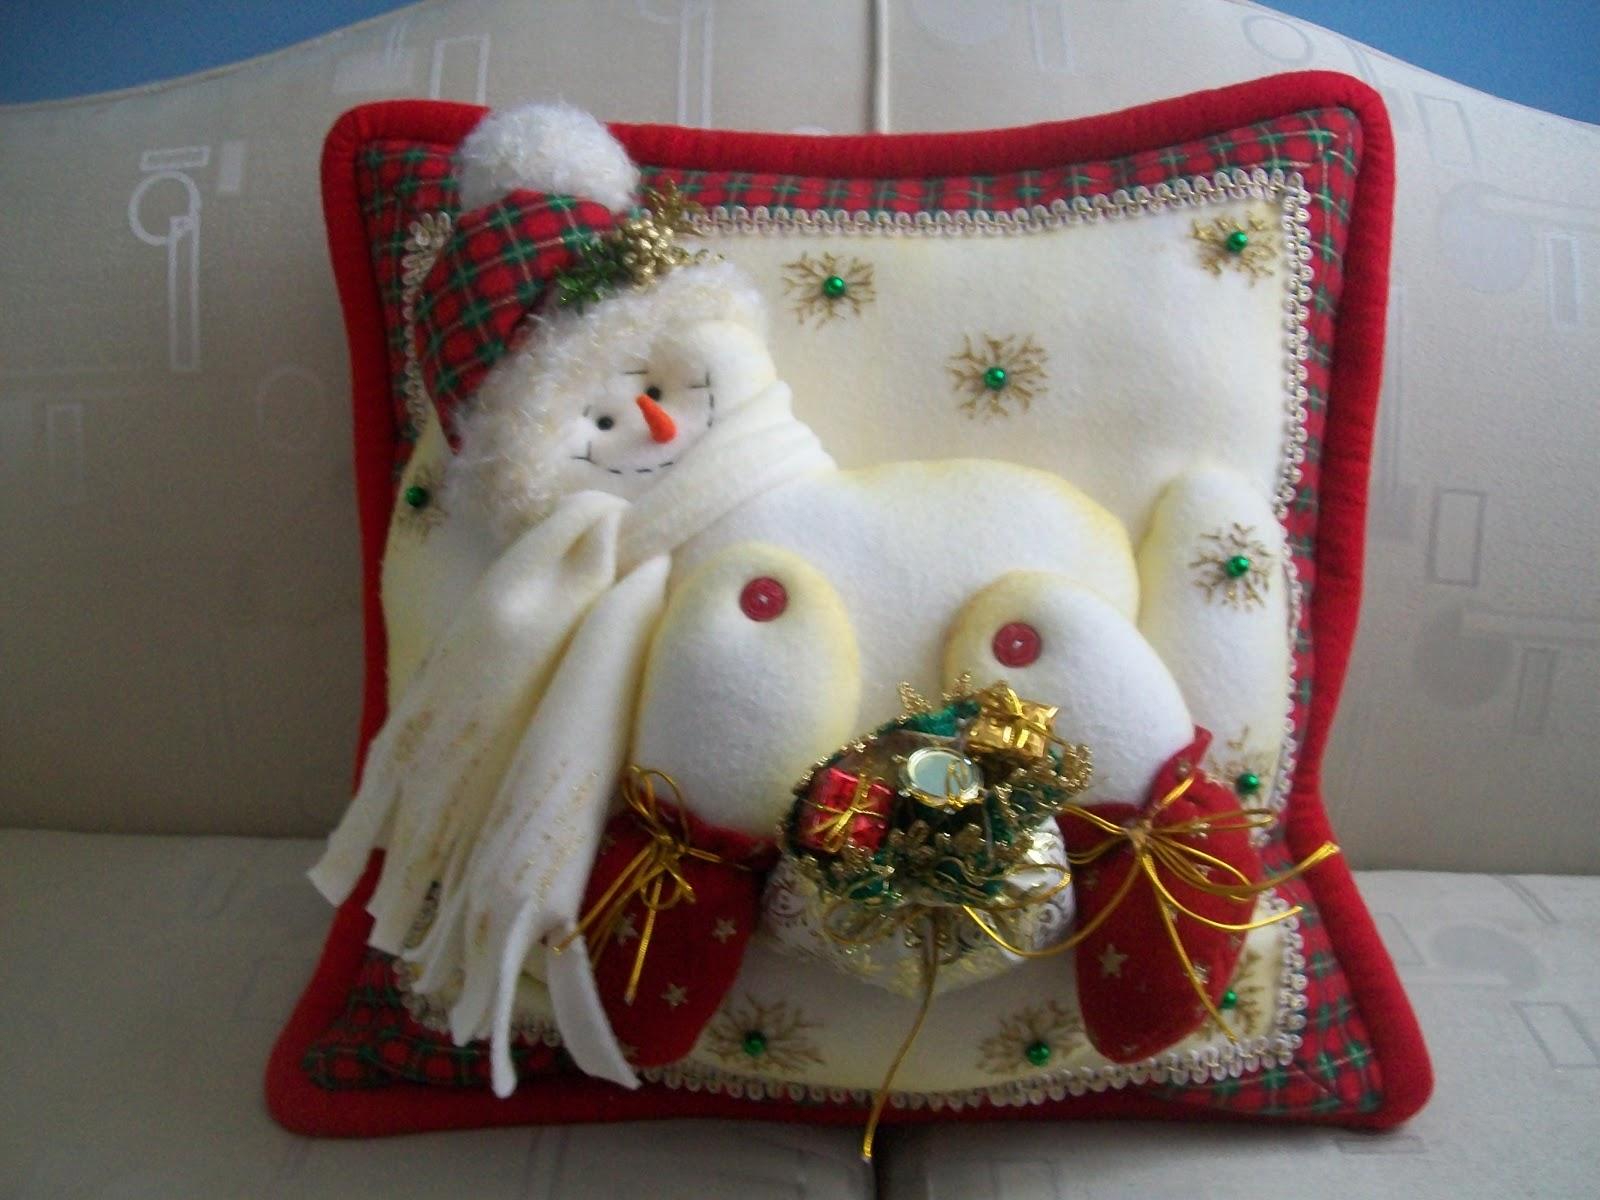 Creaciones matilde hermosos cojines nieve - Decorar cojines con fieltro ...